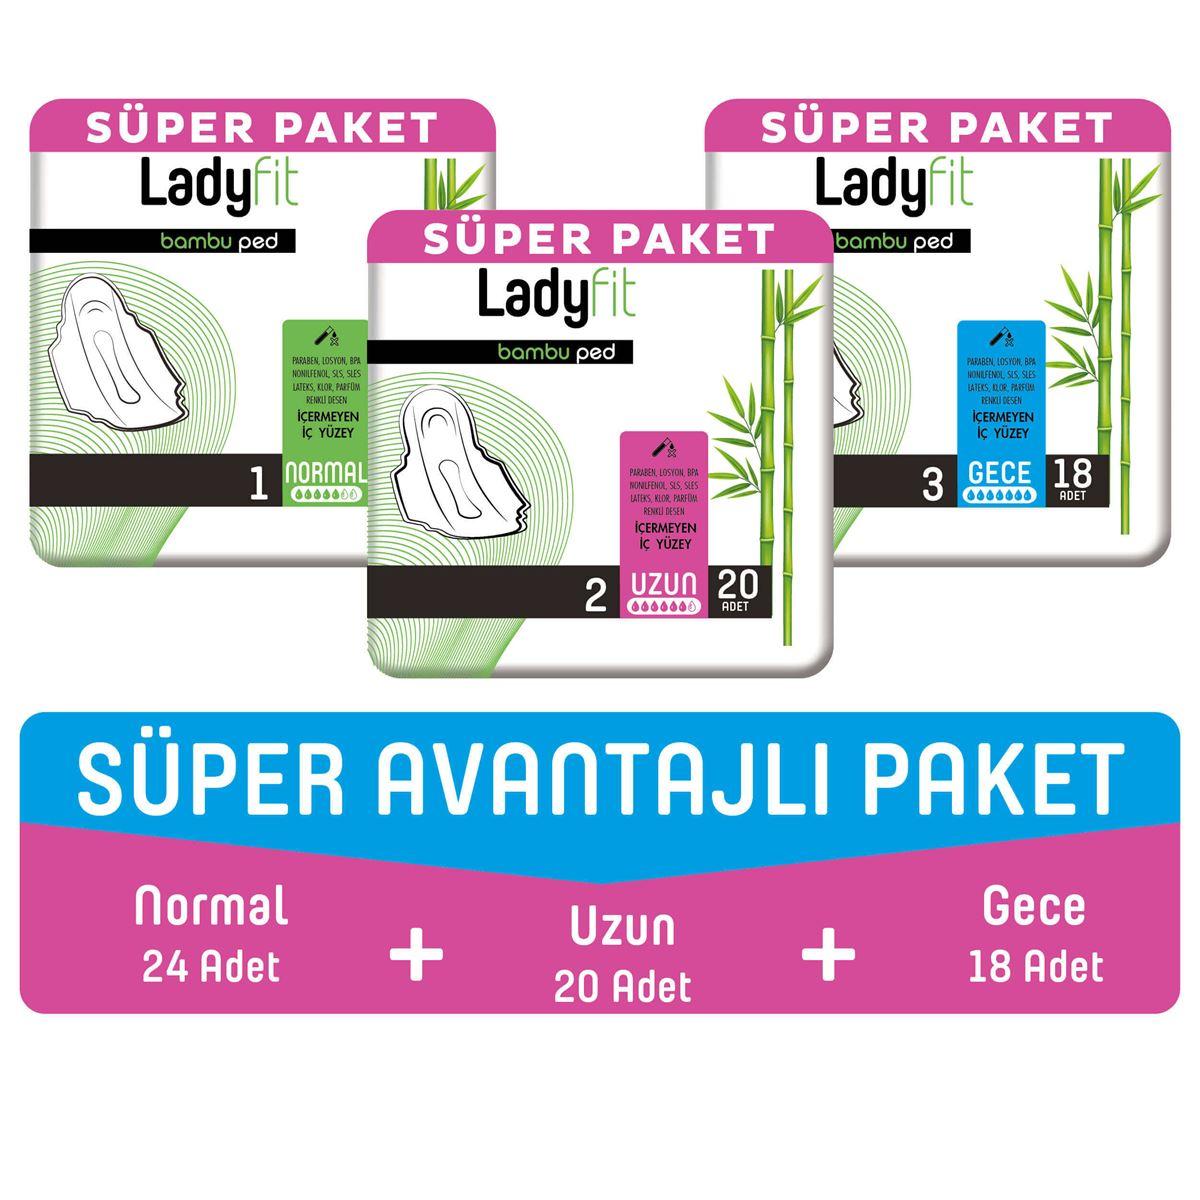 Ladyfit Bambu Ped Süper Avantajlı Paket (Normal 24 Adet + Uzun 20 Adet + Gece 18 Adet)